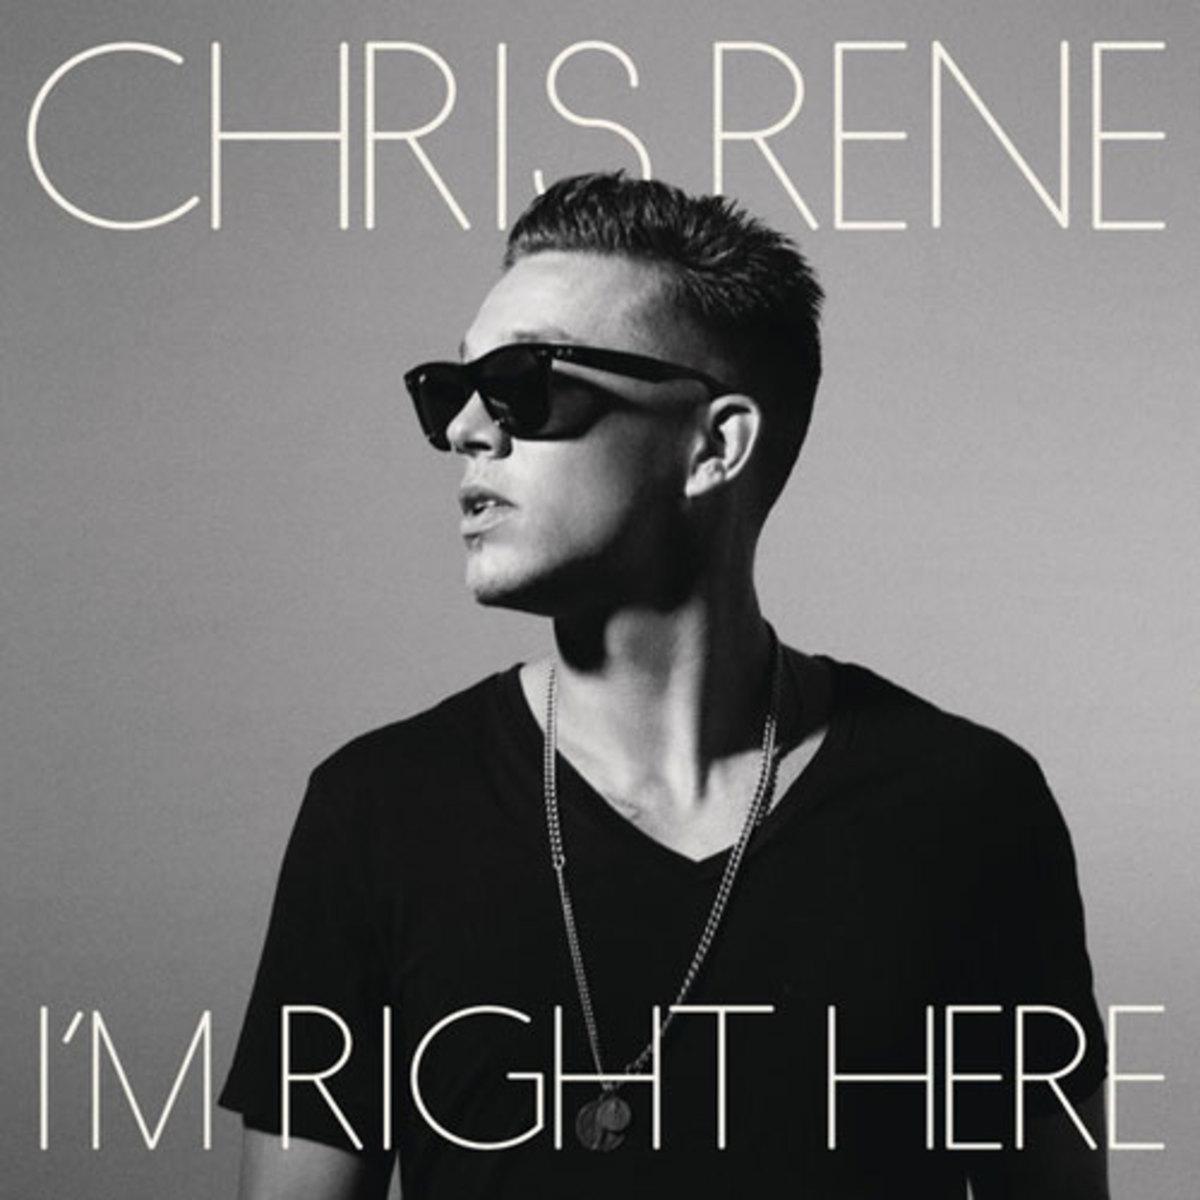 chrisrene-imrighthere.jpg